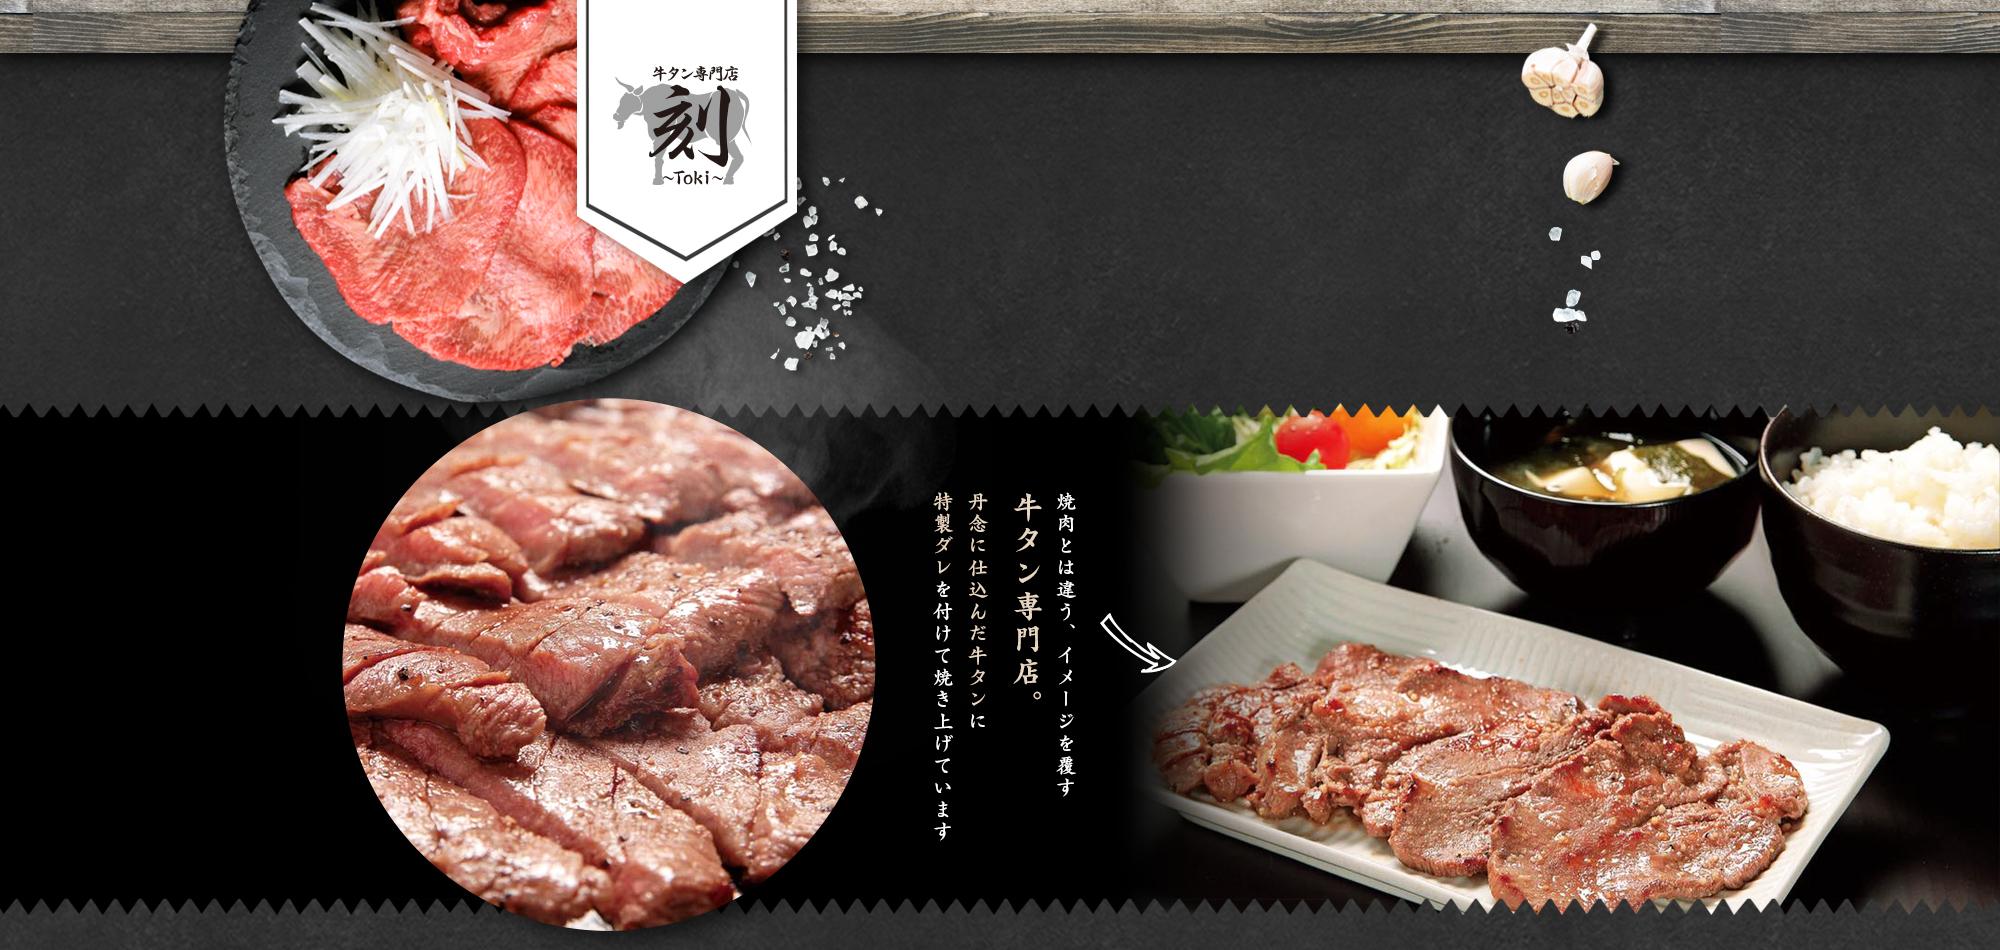 焼肉とは違う、イメージを覆す 牛タン専門店